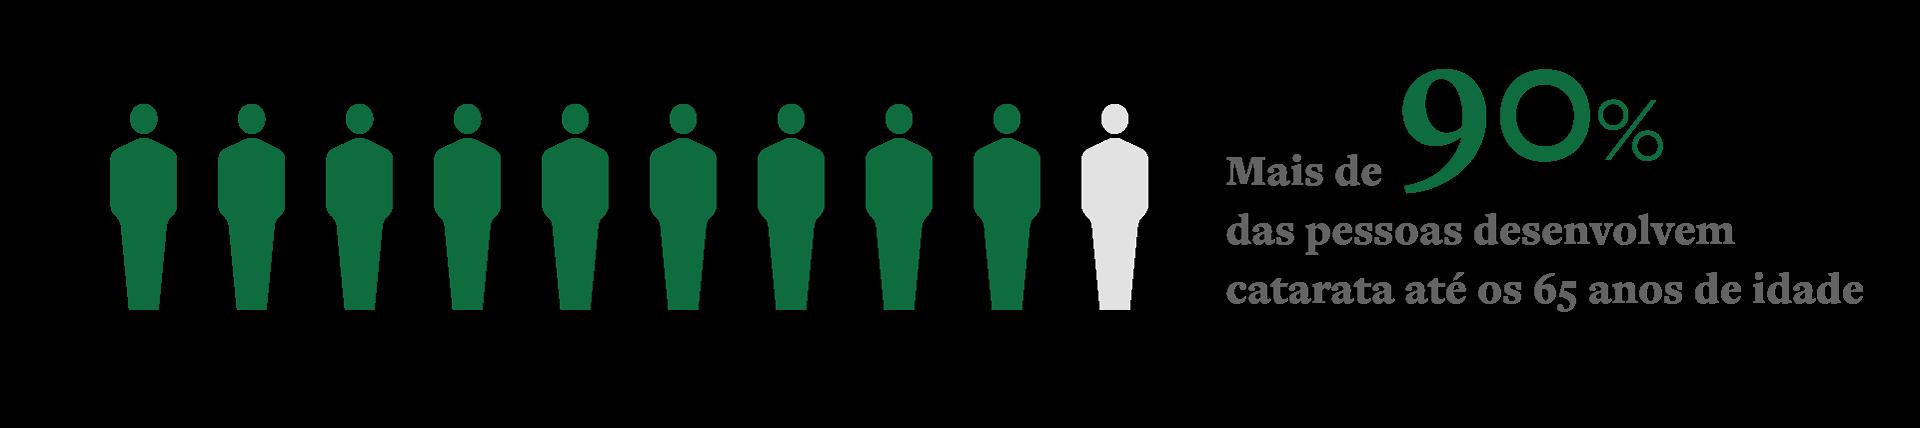 Imagem de 9 em cada 10 pessoas destacadas para ilustrar que 90% das pessoas desenvolvem catarata até os 65 anos de idade